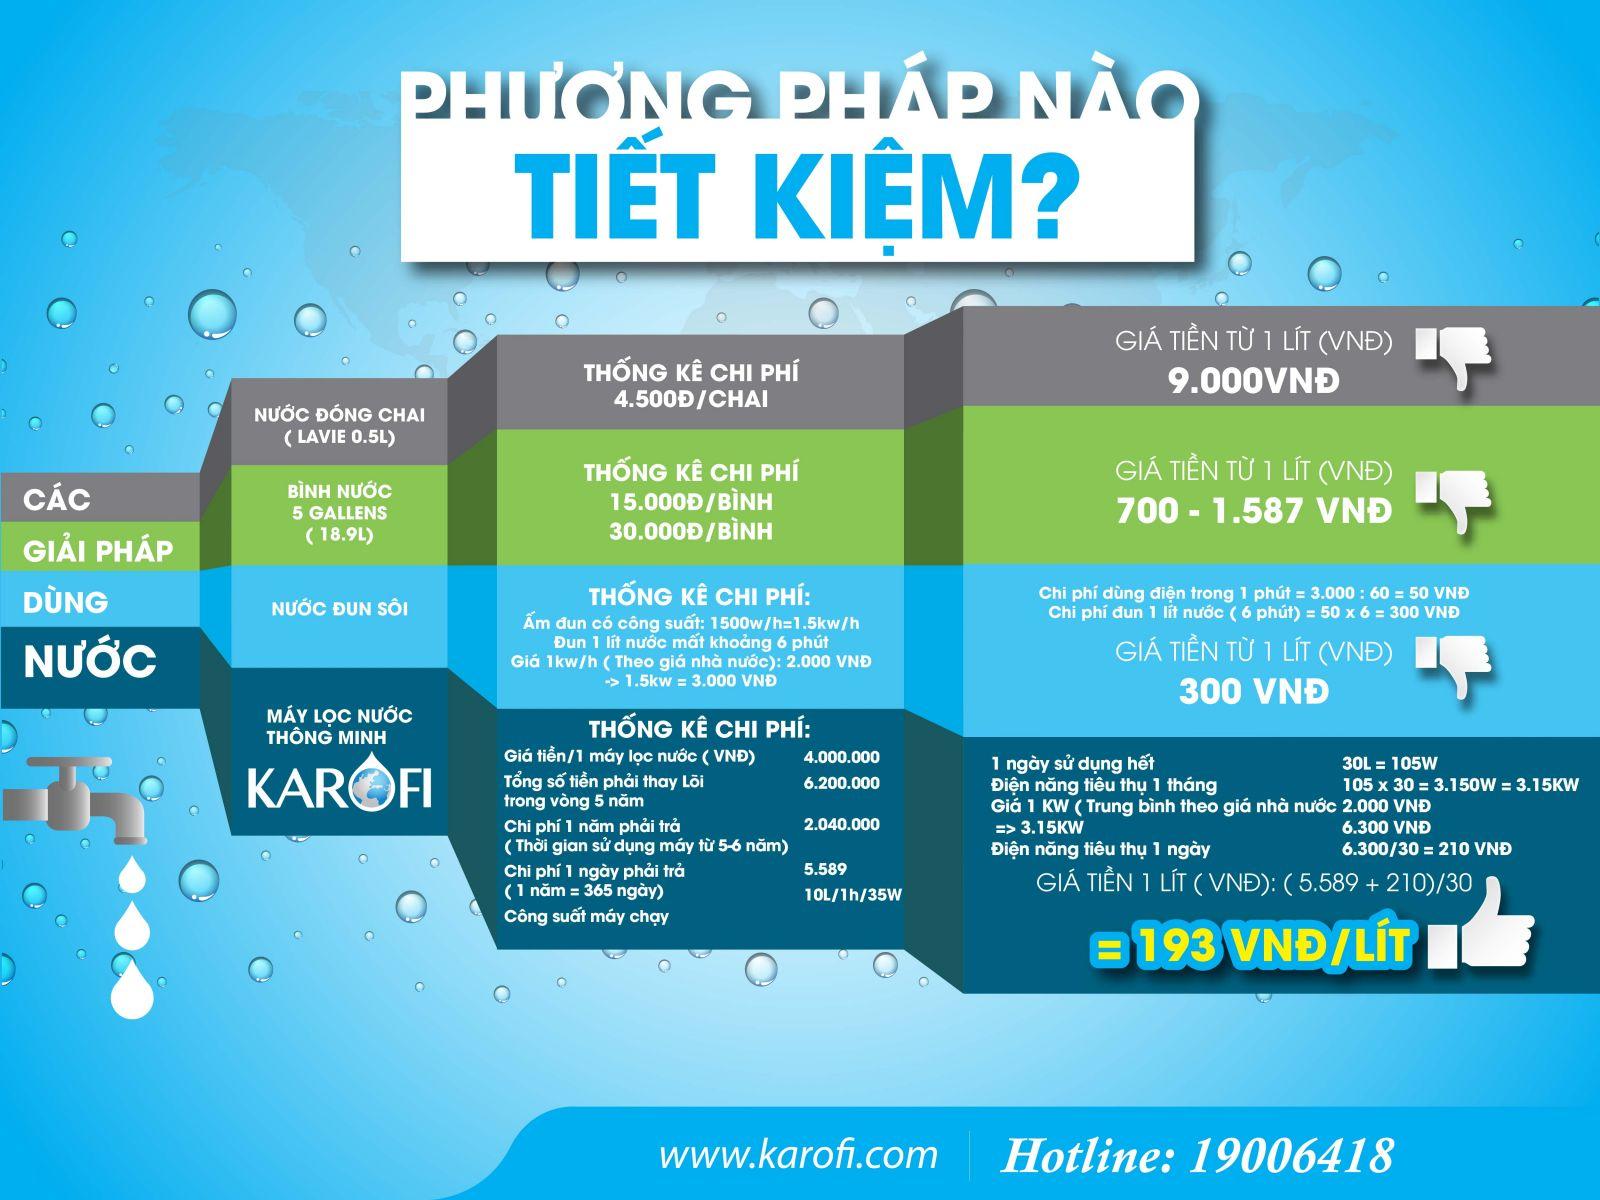 Giải pháp tiết kiệm khi chọn máy lọc nước